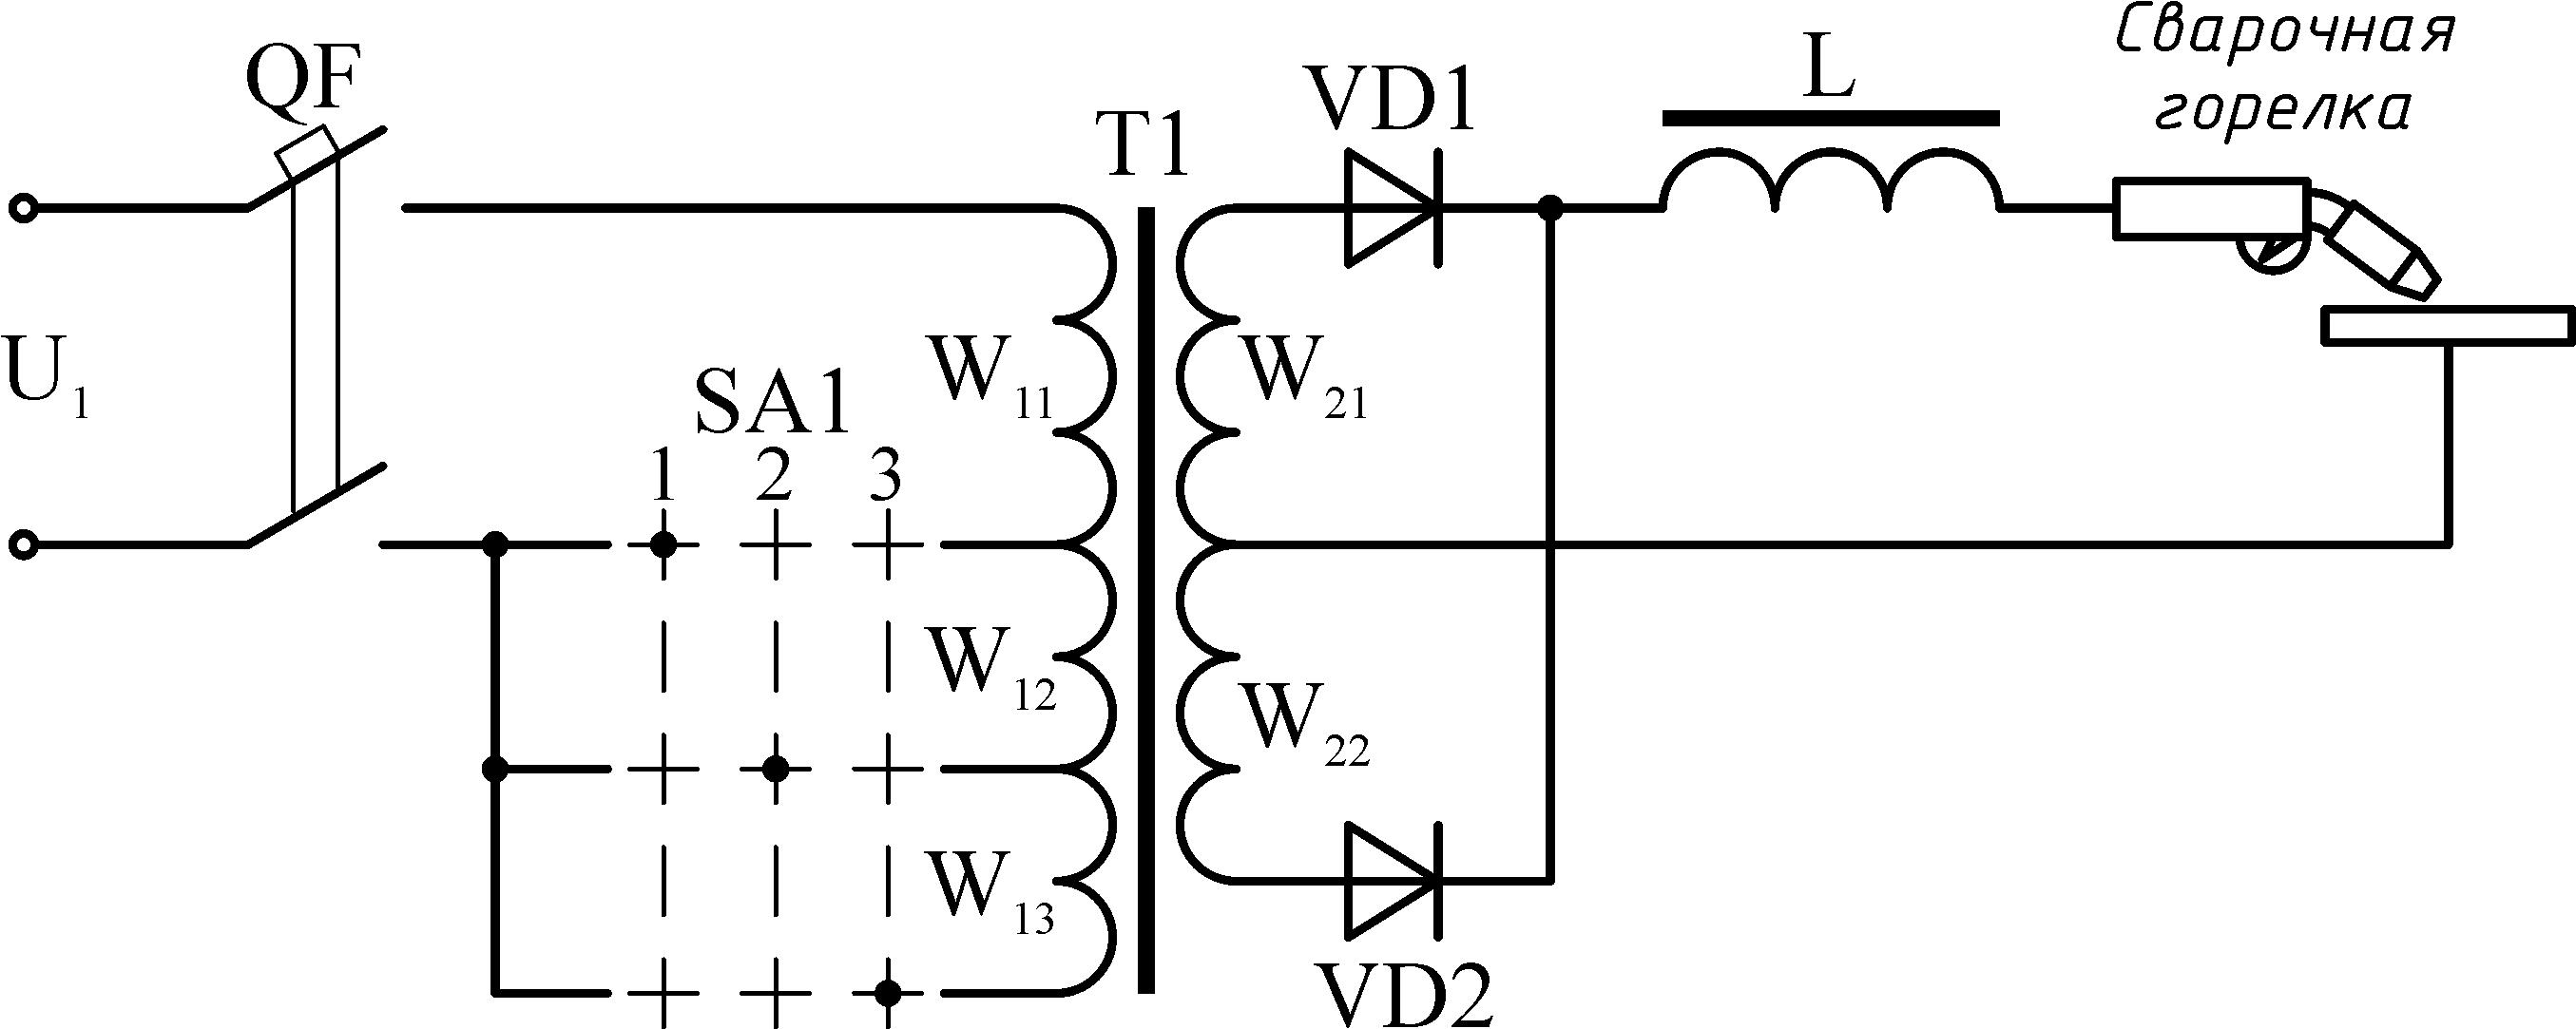 Расчет тороидальный трансформатор своими руками фото 182